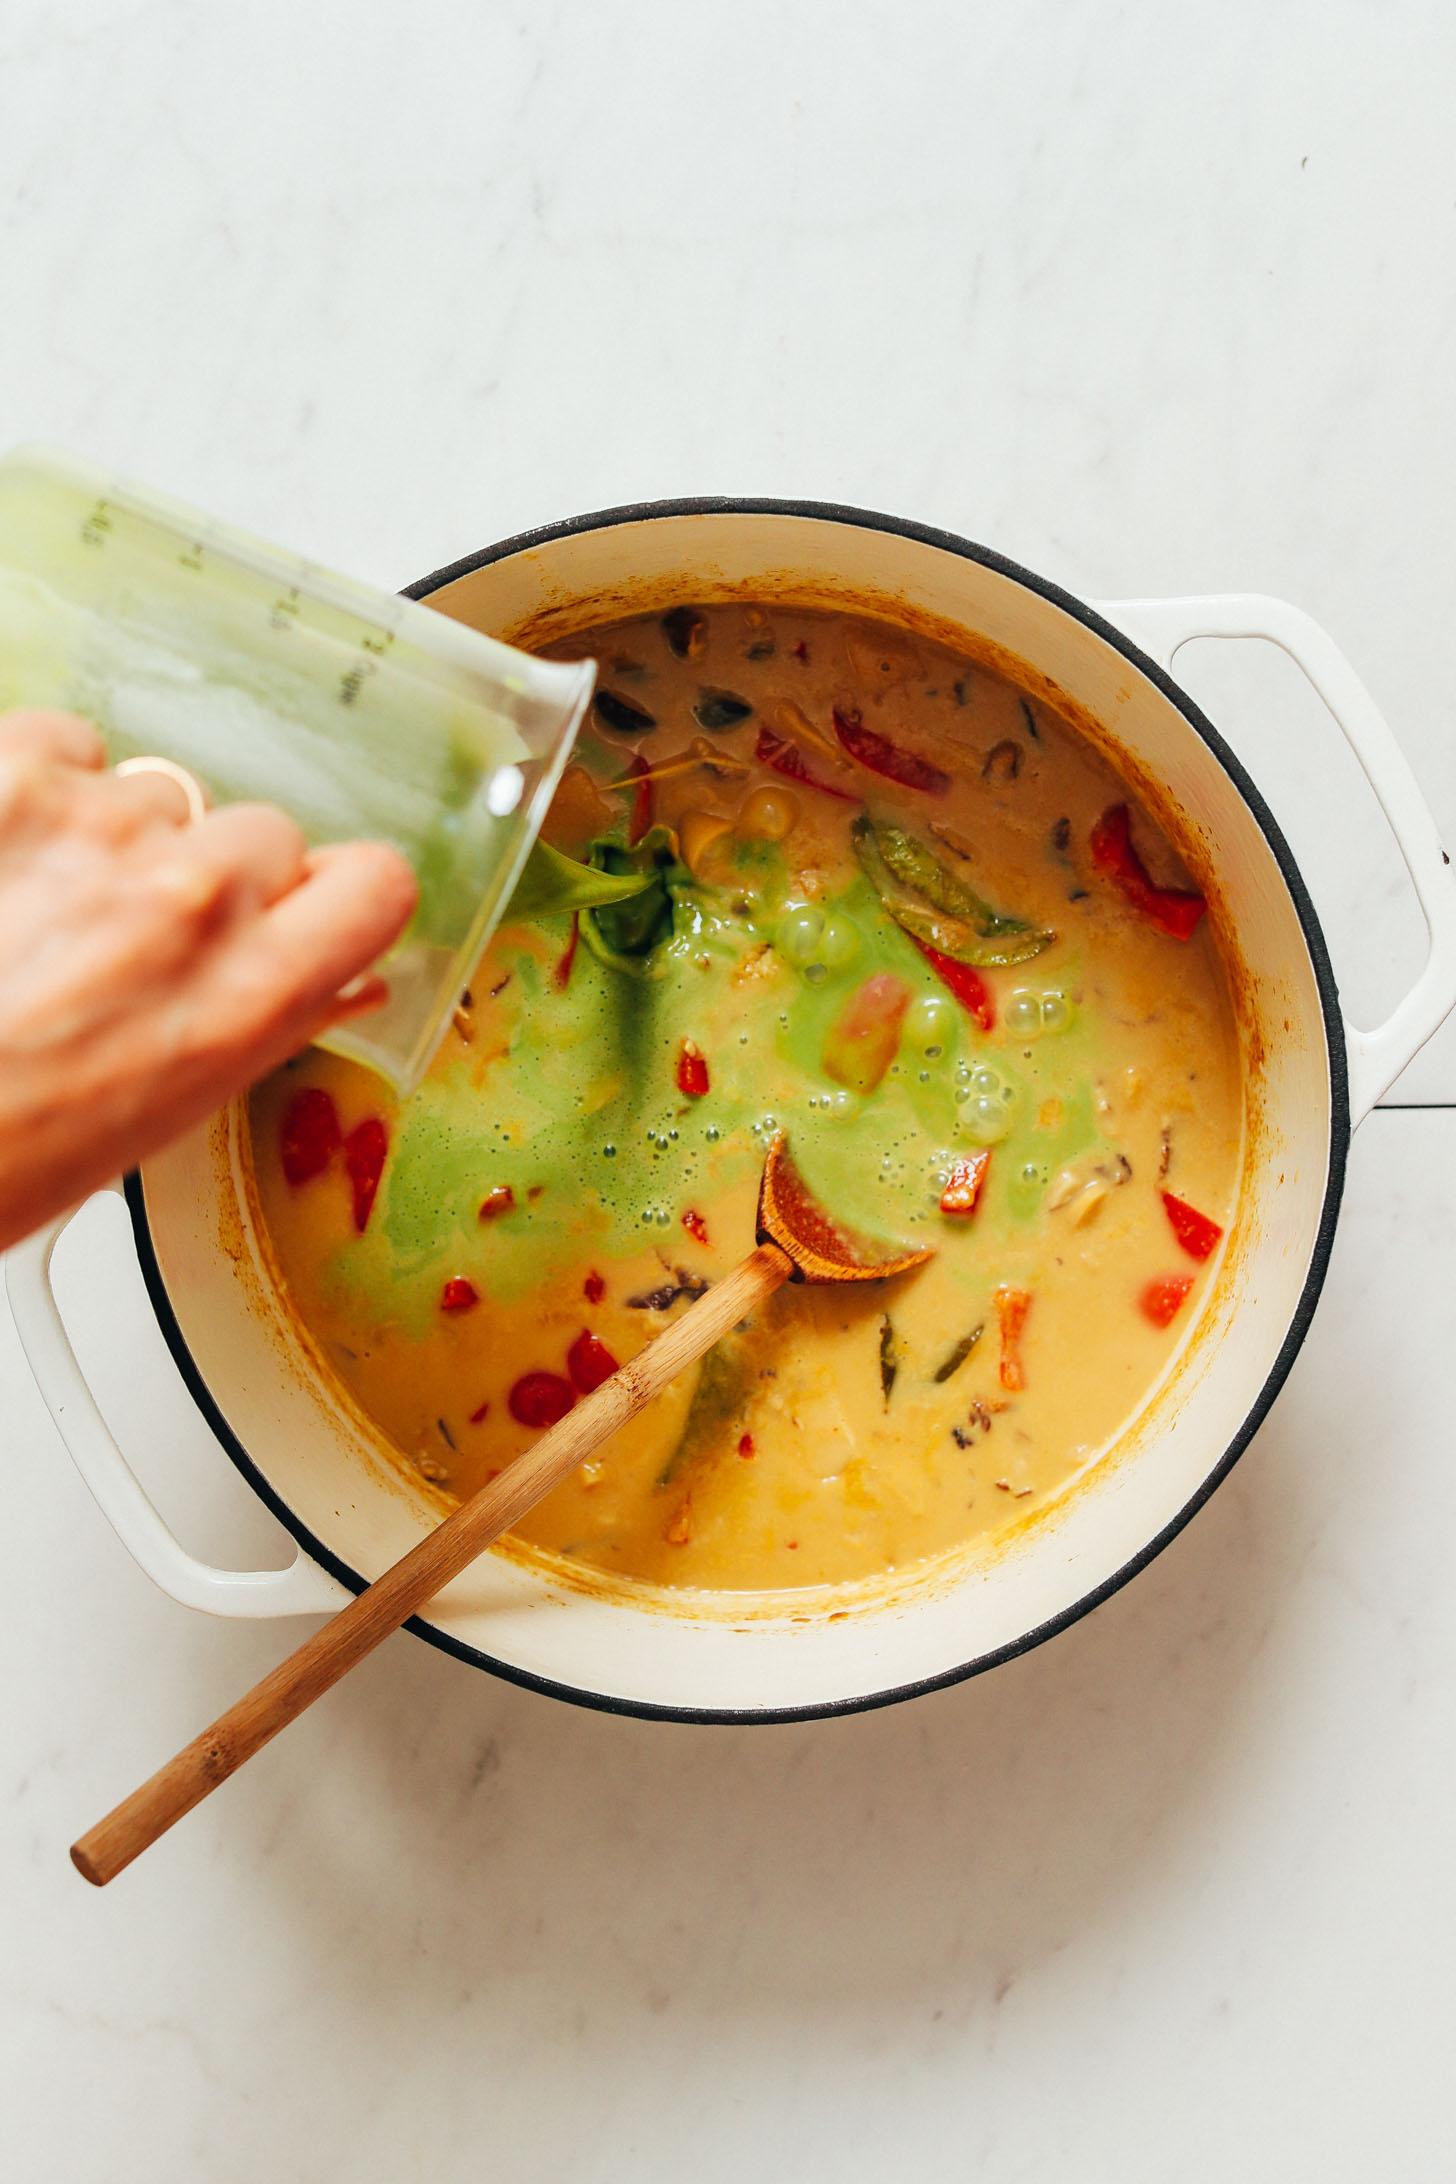 Verser de la poudre d'herbe d'orge dans un pot pour obtenir une couleur de curry vert plus vibrante